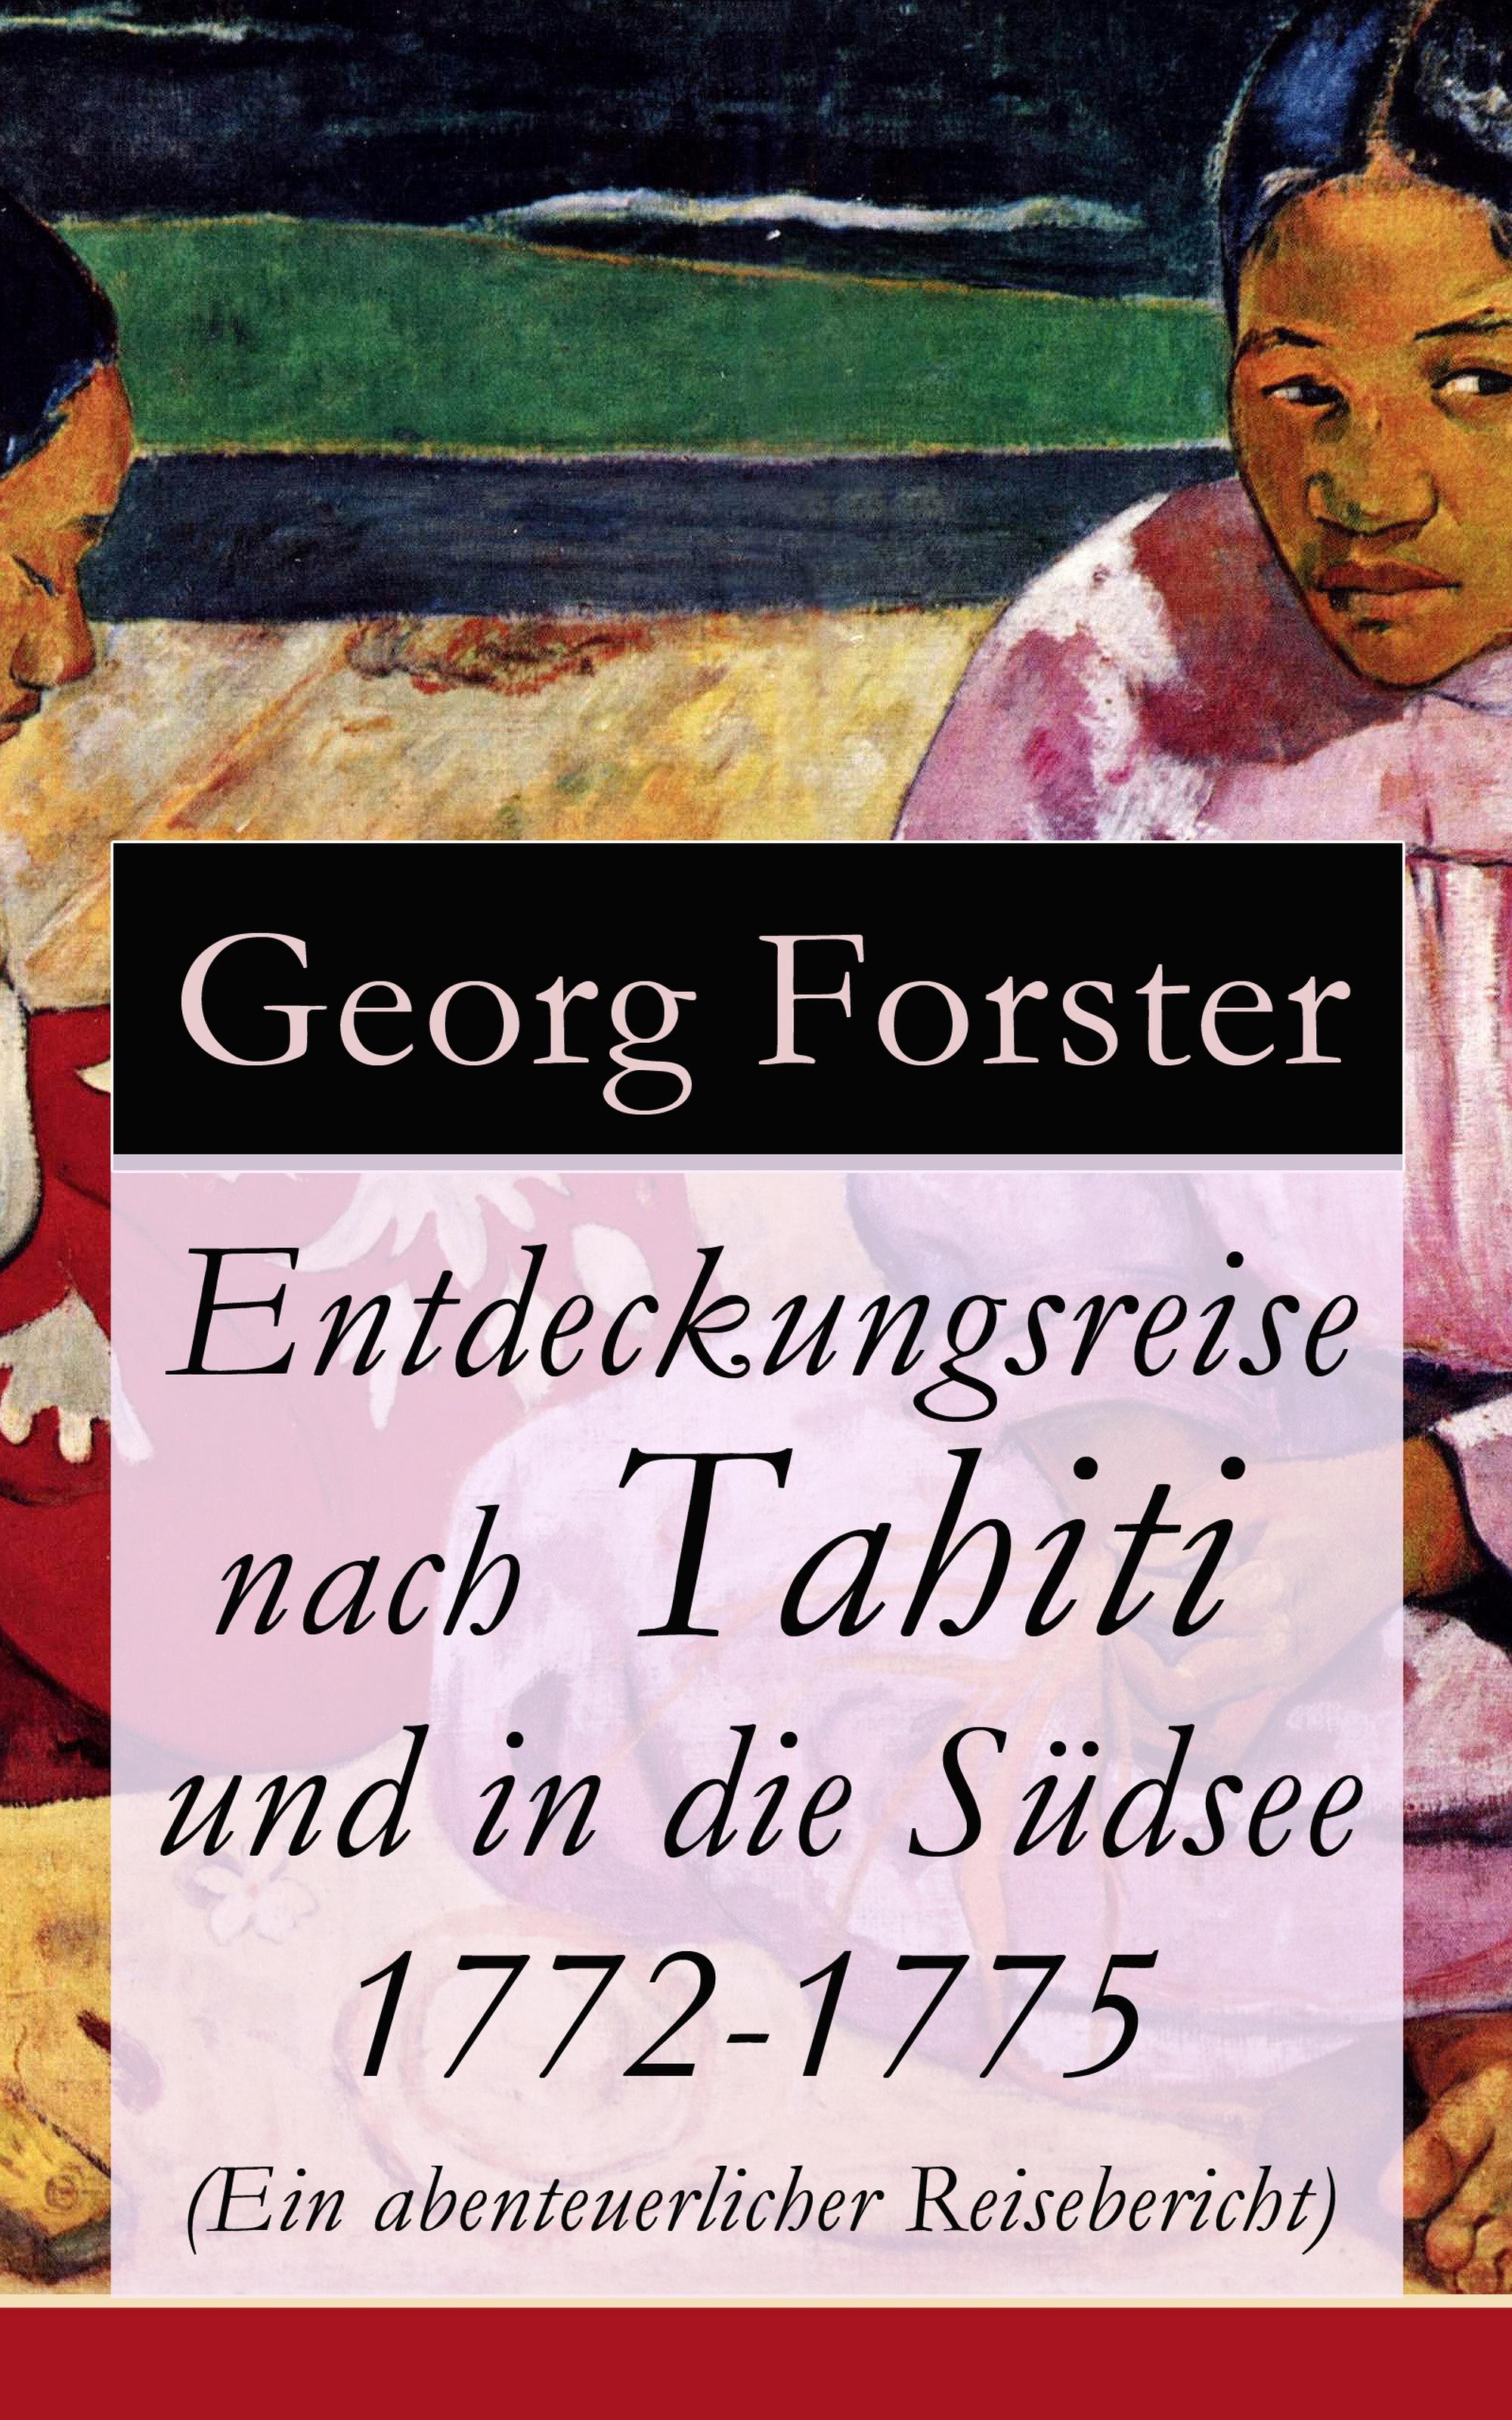 Georg Forster Entdeckungsreise nach Tahiti und in die Südsee 1772-1775 (Ein abenteuerlicher Reisebericht)